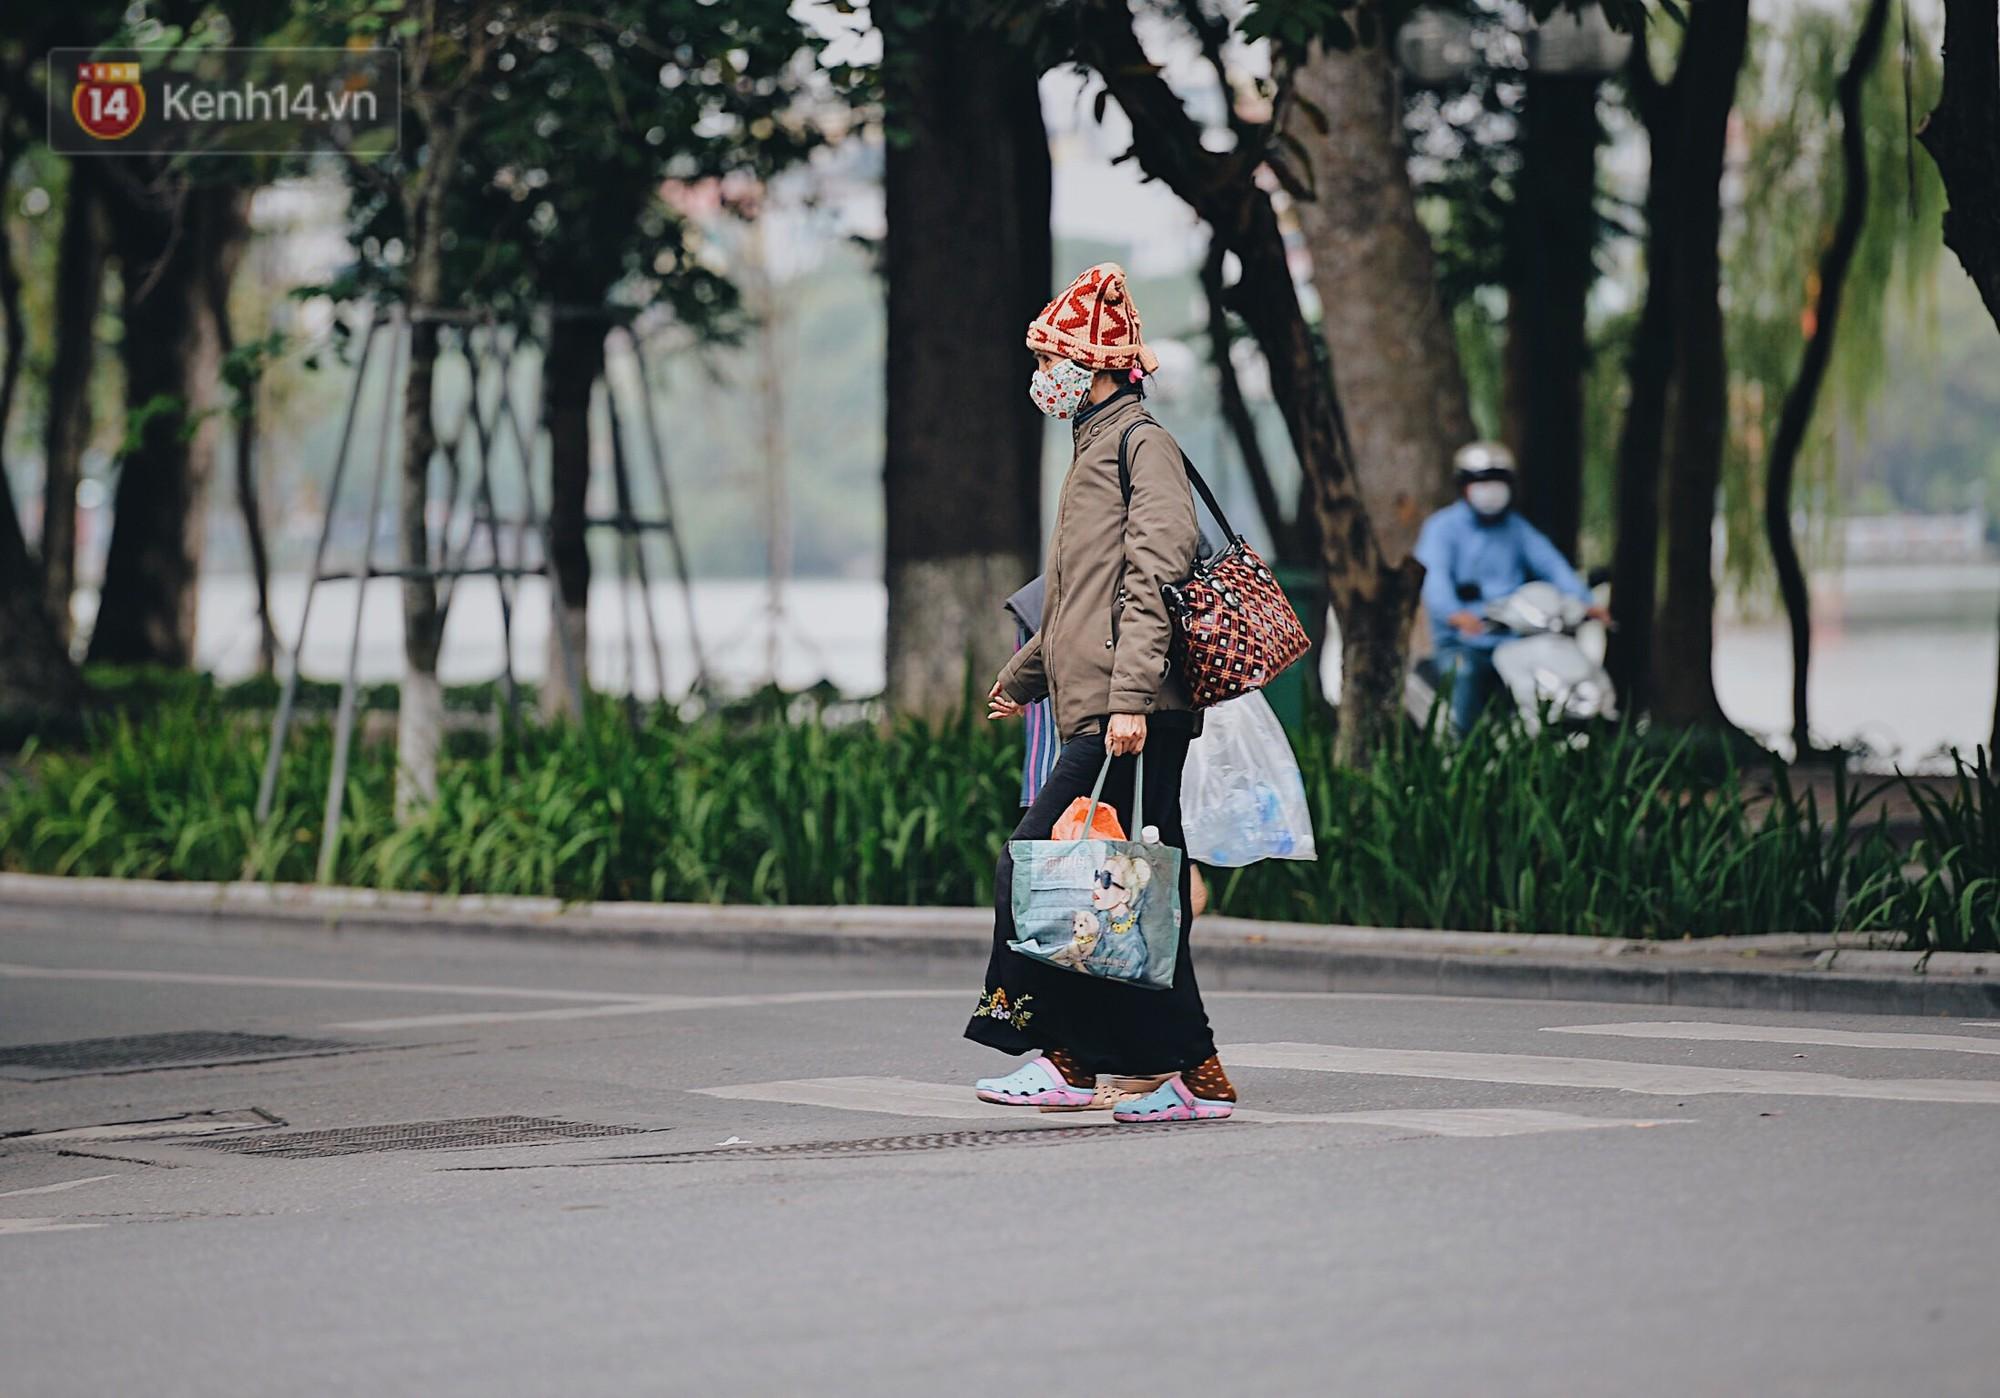 Ngày mùa đông chính thức chạm ngõ miền Bắc, người dân Hà Nội mặc áo ấm xuống phố - Ảnh 5.